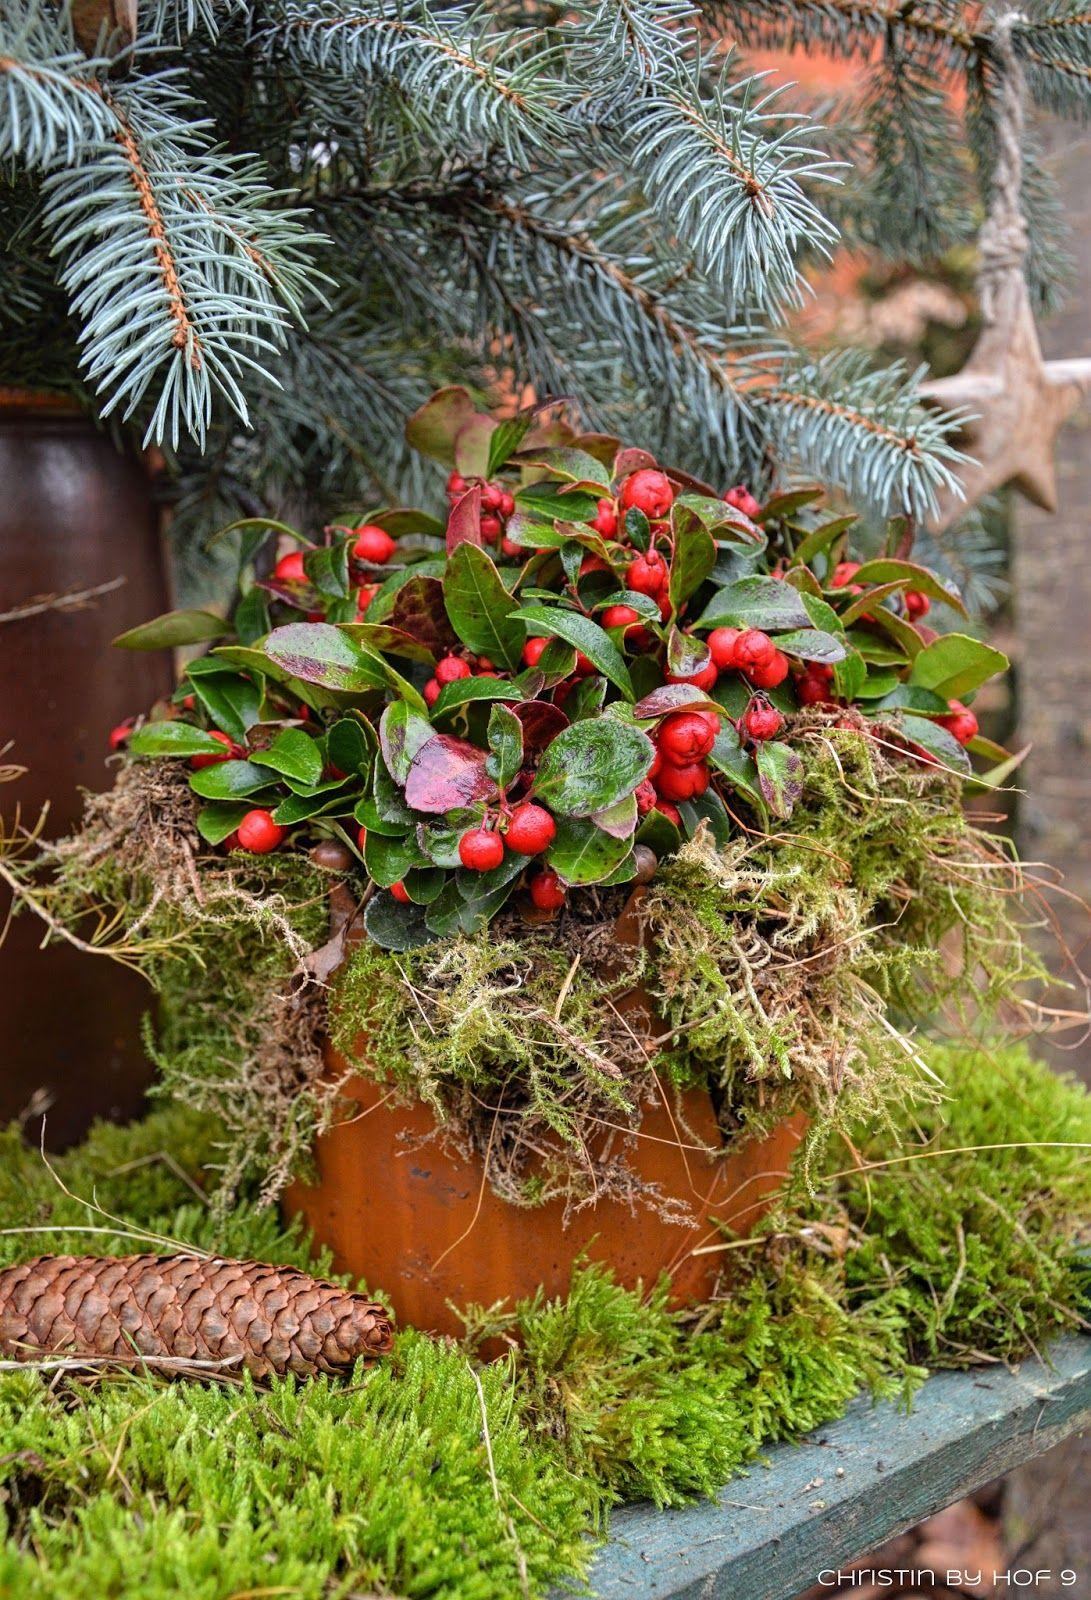 Quaste Aus Kiefernadeln Naturliche Gartendeko Im Winter Weihnachtsdekoration Im Garten Rostige Gartendekoration Winterpflanzen Garten Garten Deko